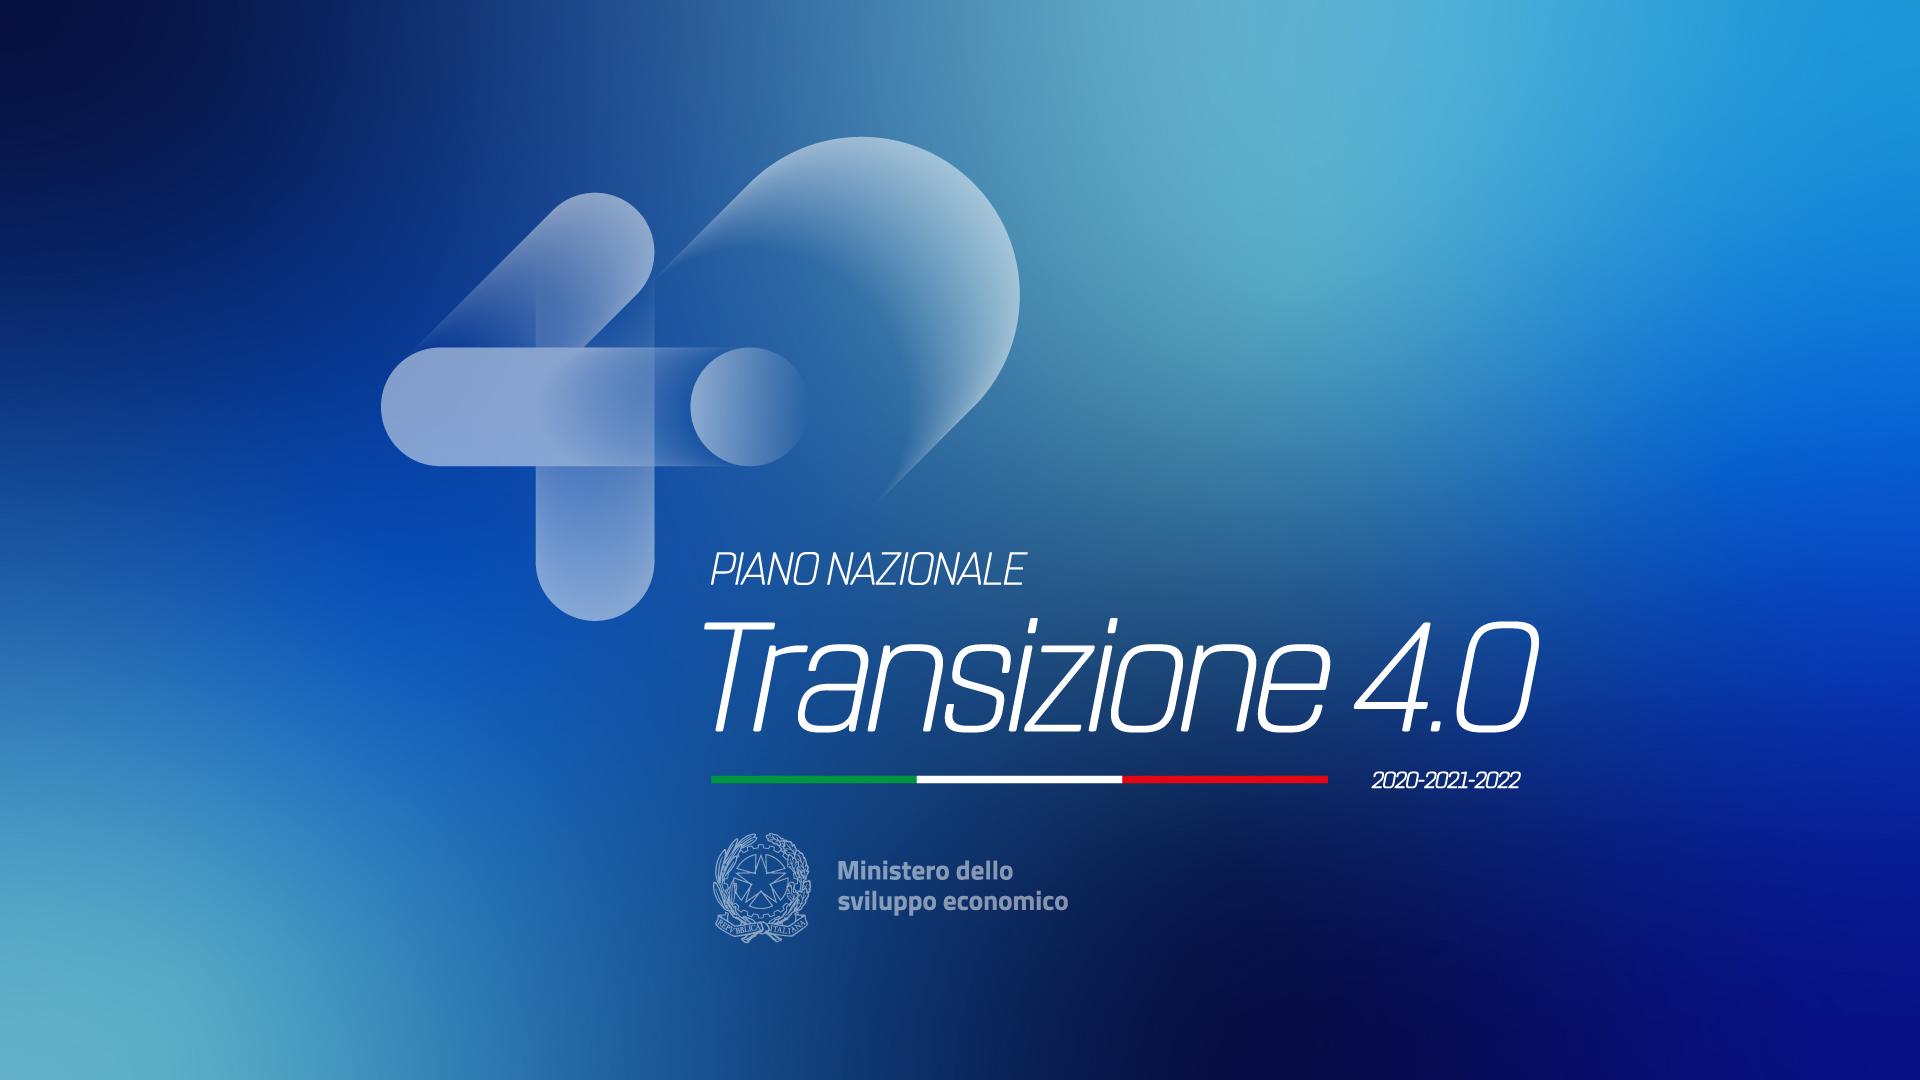 Piano Nazionale Transizione 4.0: Cos'è e Come Funziona